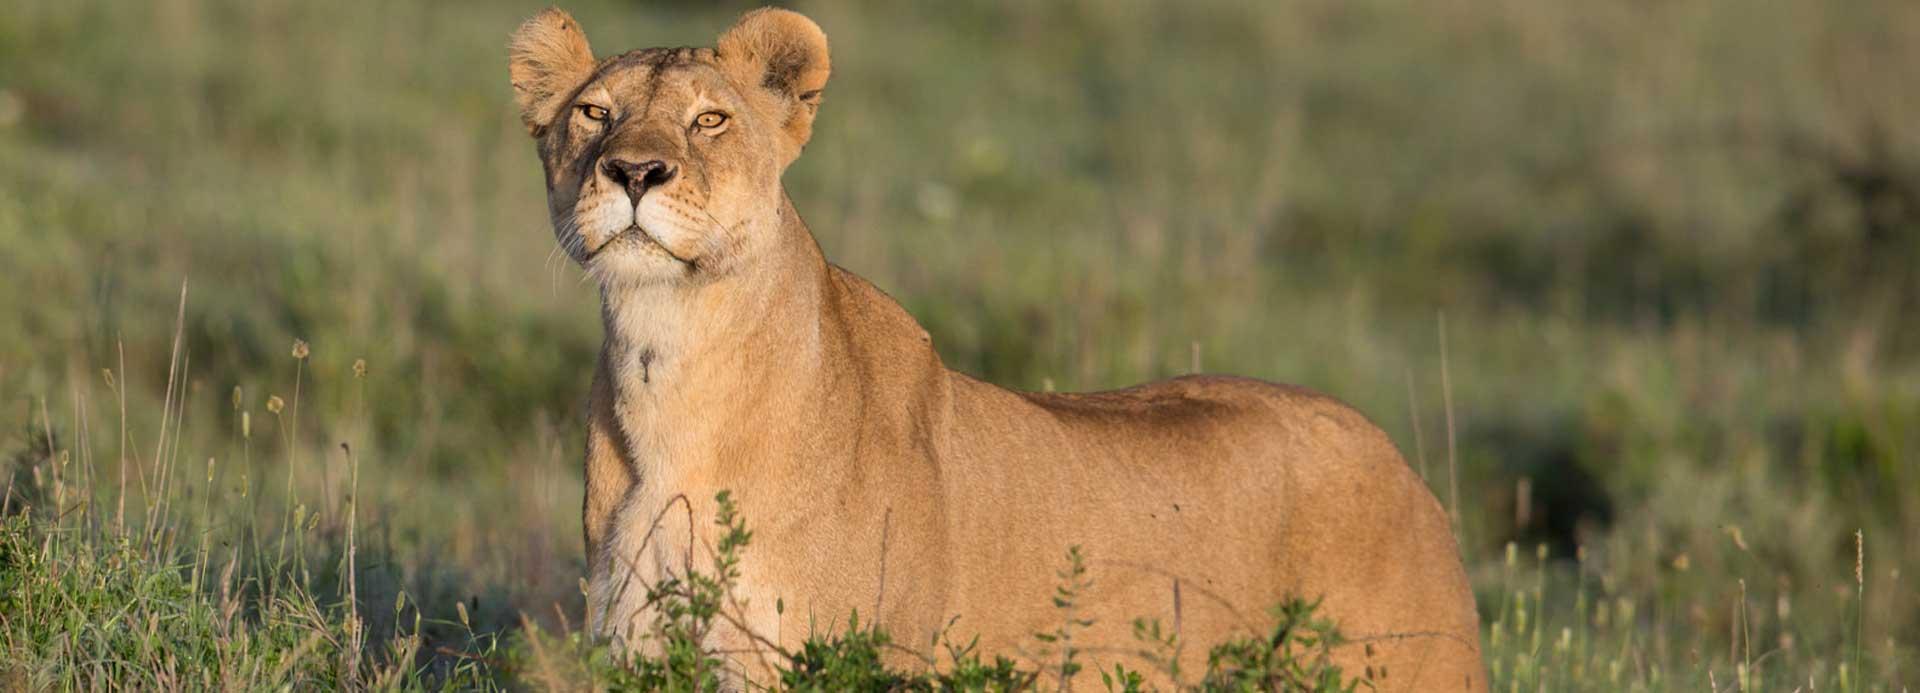 Look Tanzania Safari